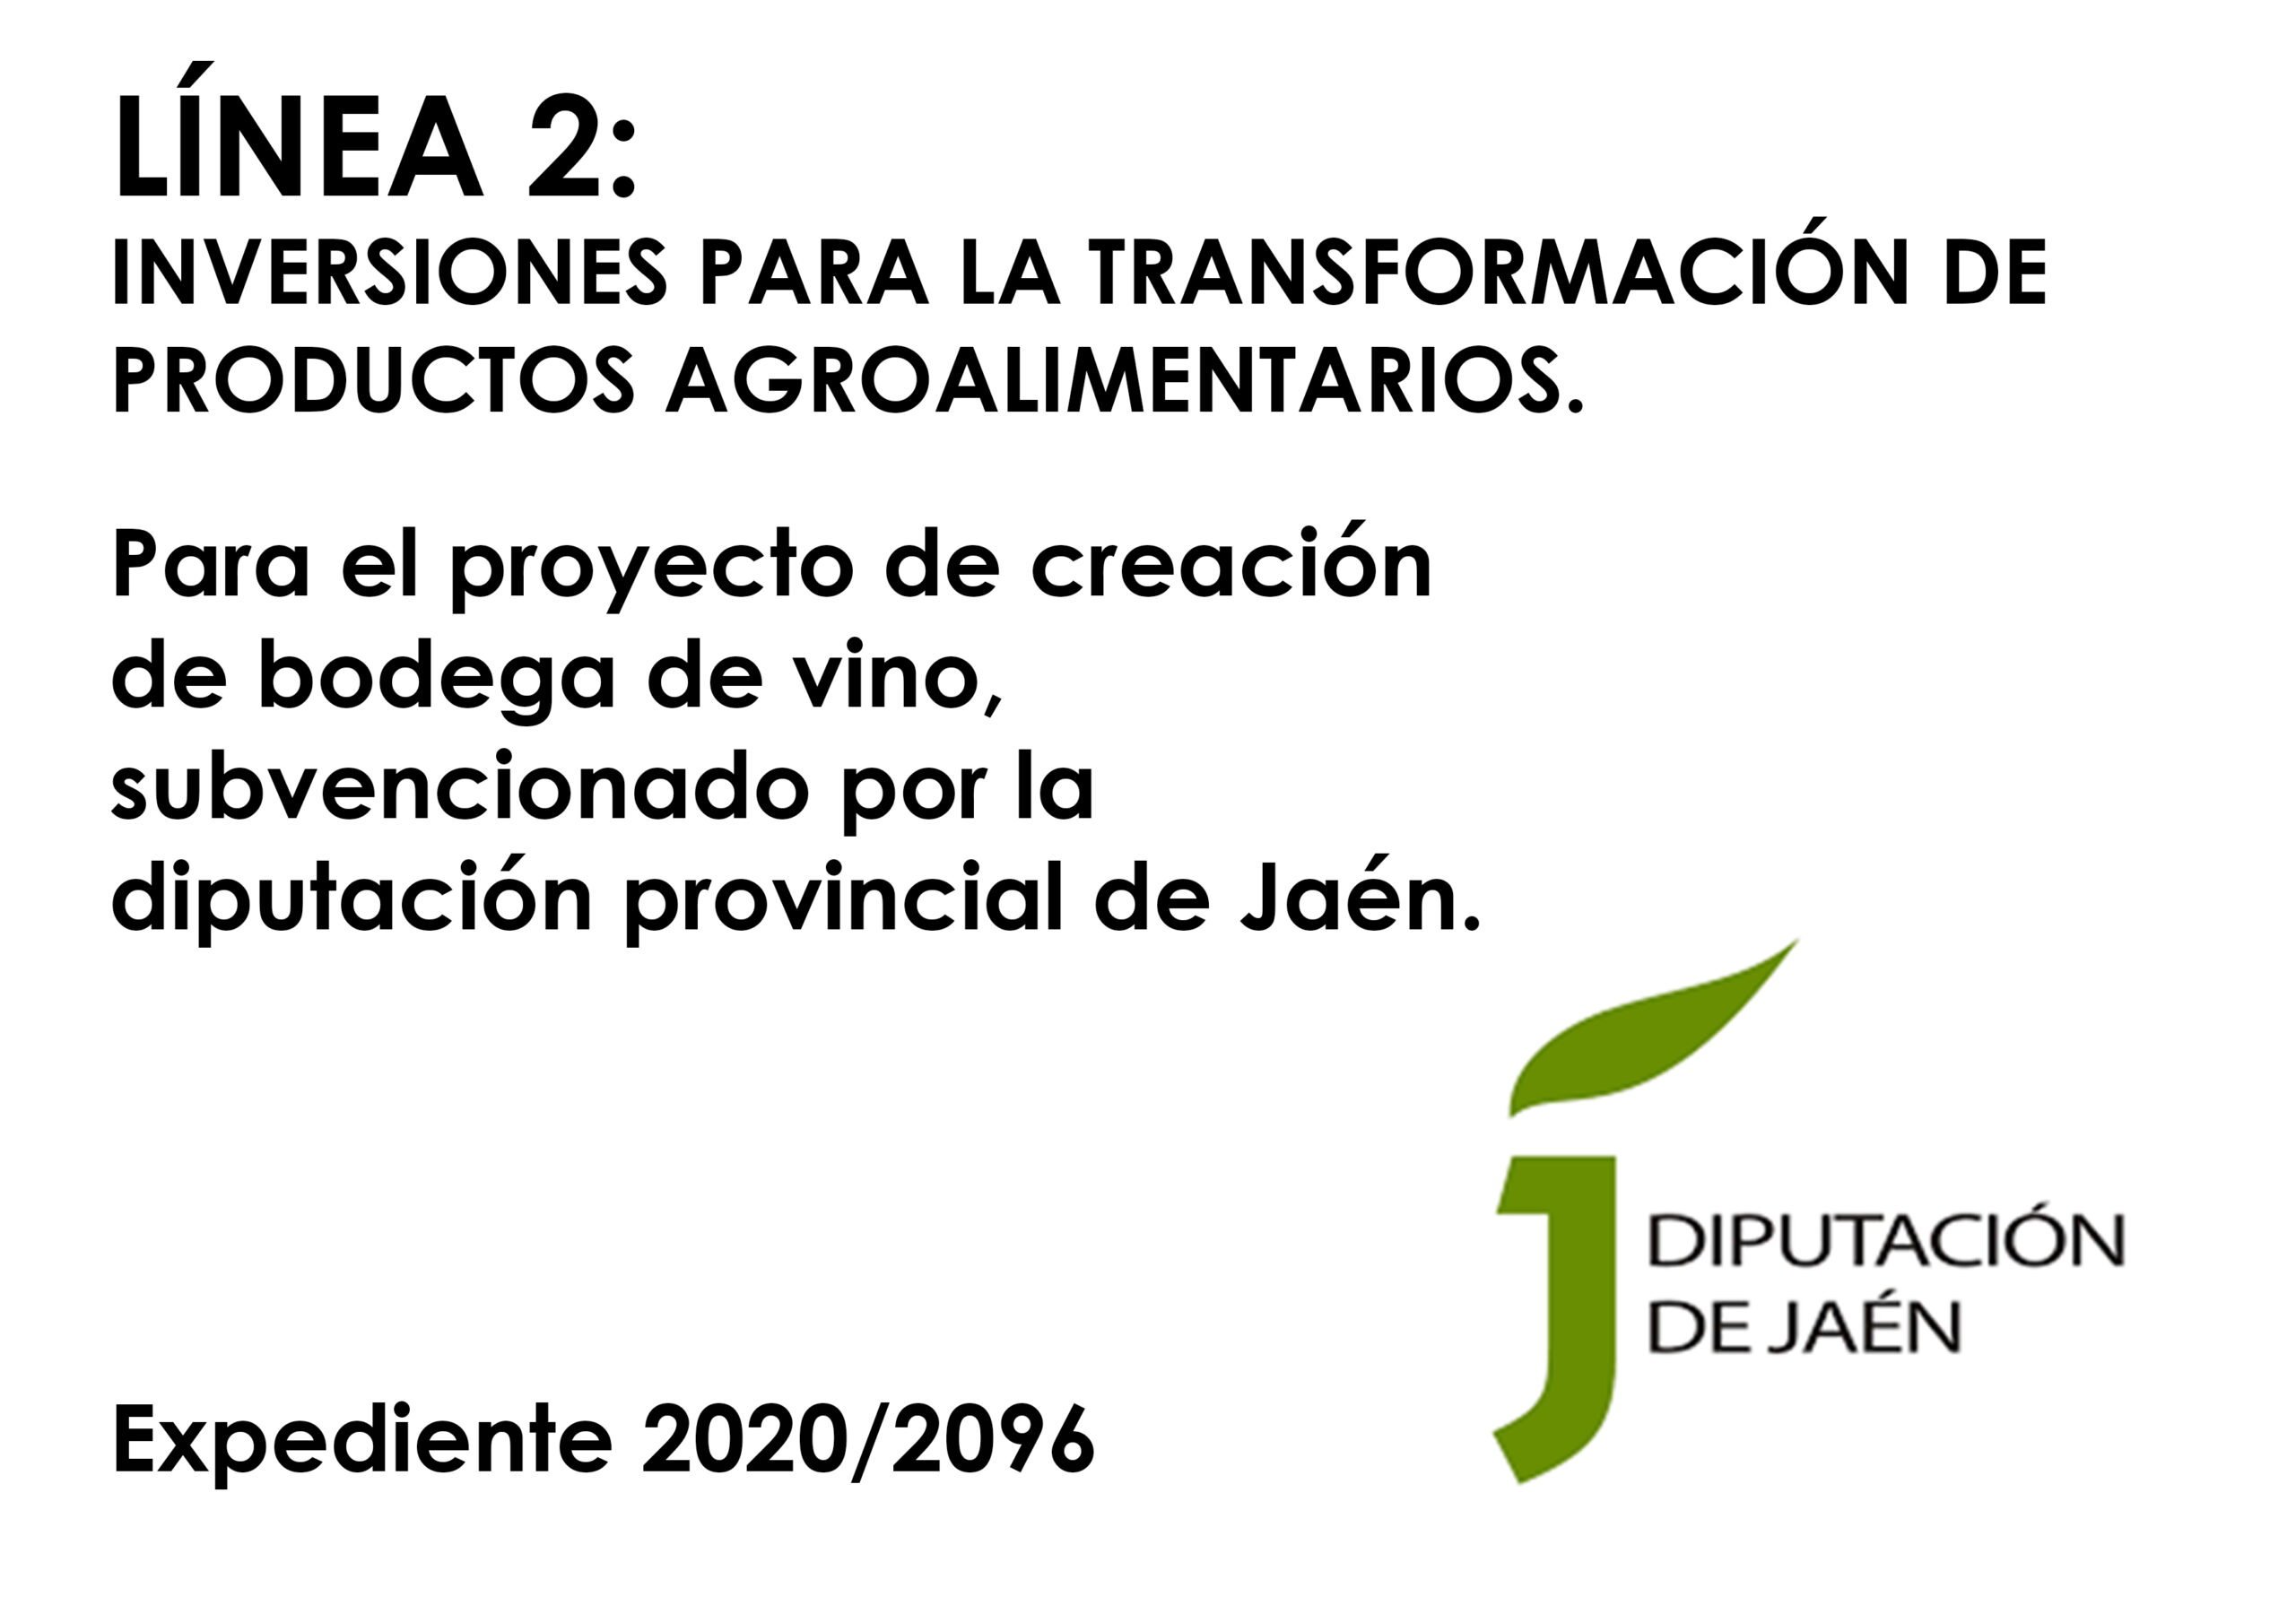 Diputación de Jaén nos concede una subvención para la creación de bodega de vino